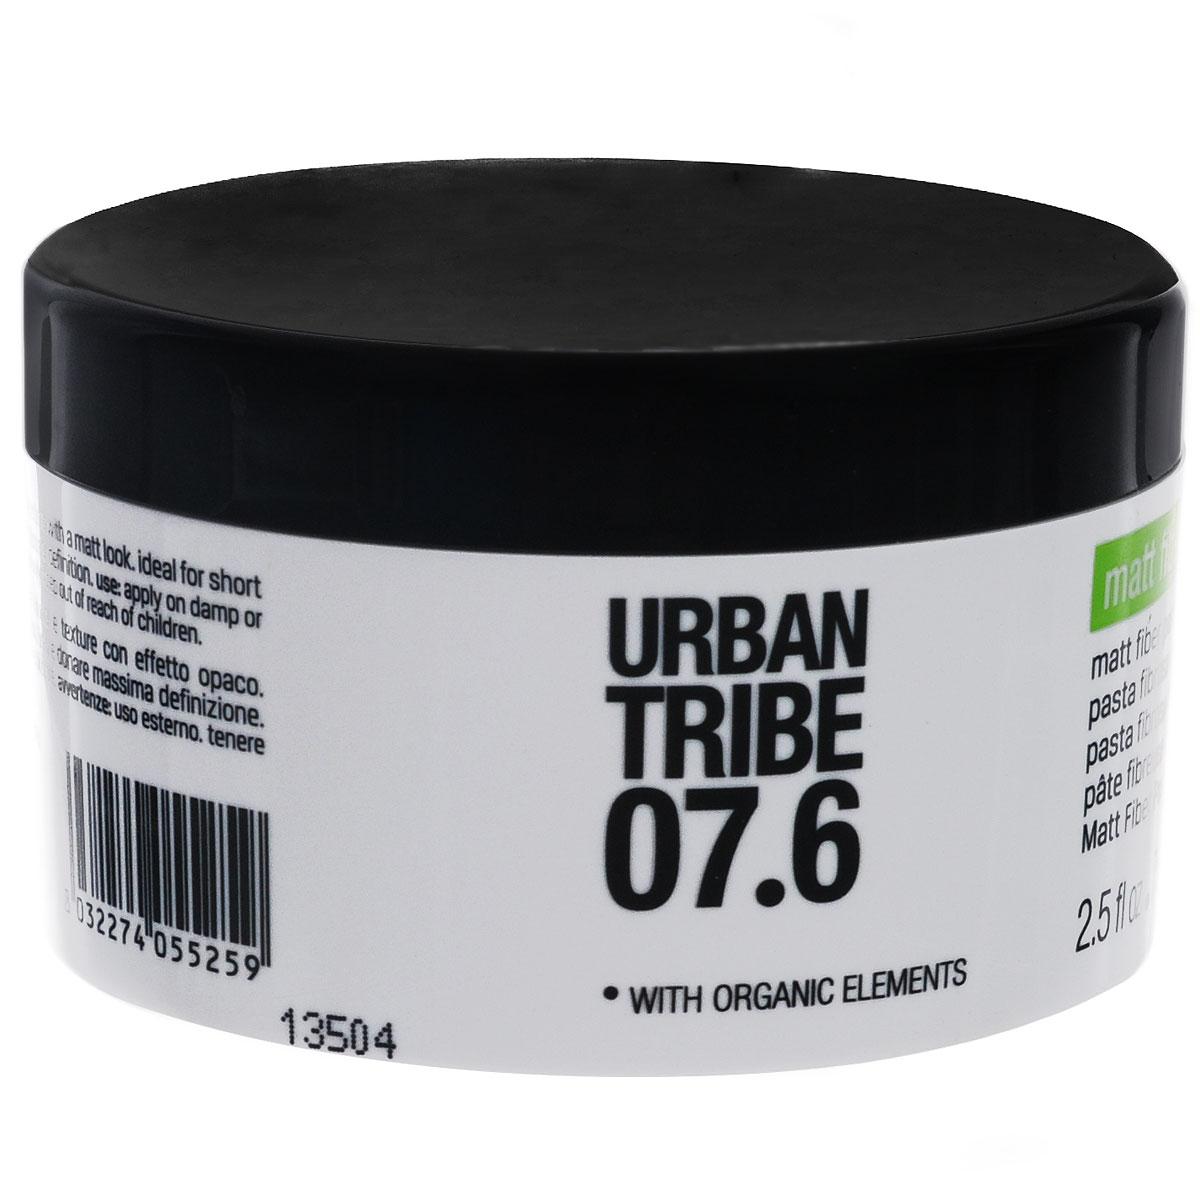 URBAN TRIBE Матирующая паста для придания объема 75 мл.9062017Матирующая паста.Придает объем и текстуру, обеспечивает матовость.